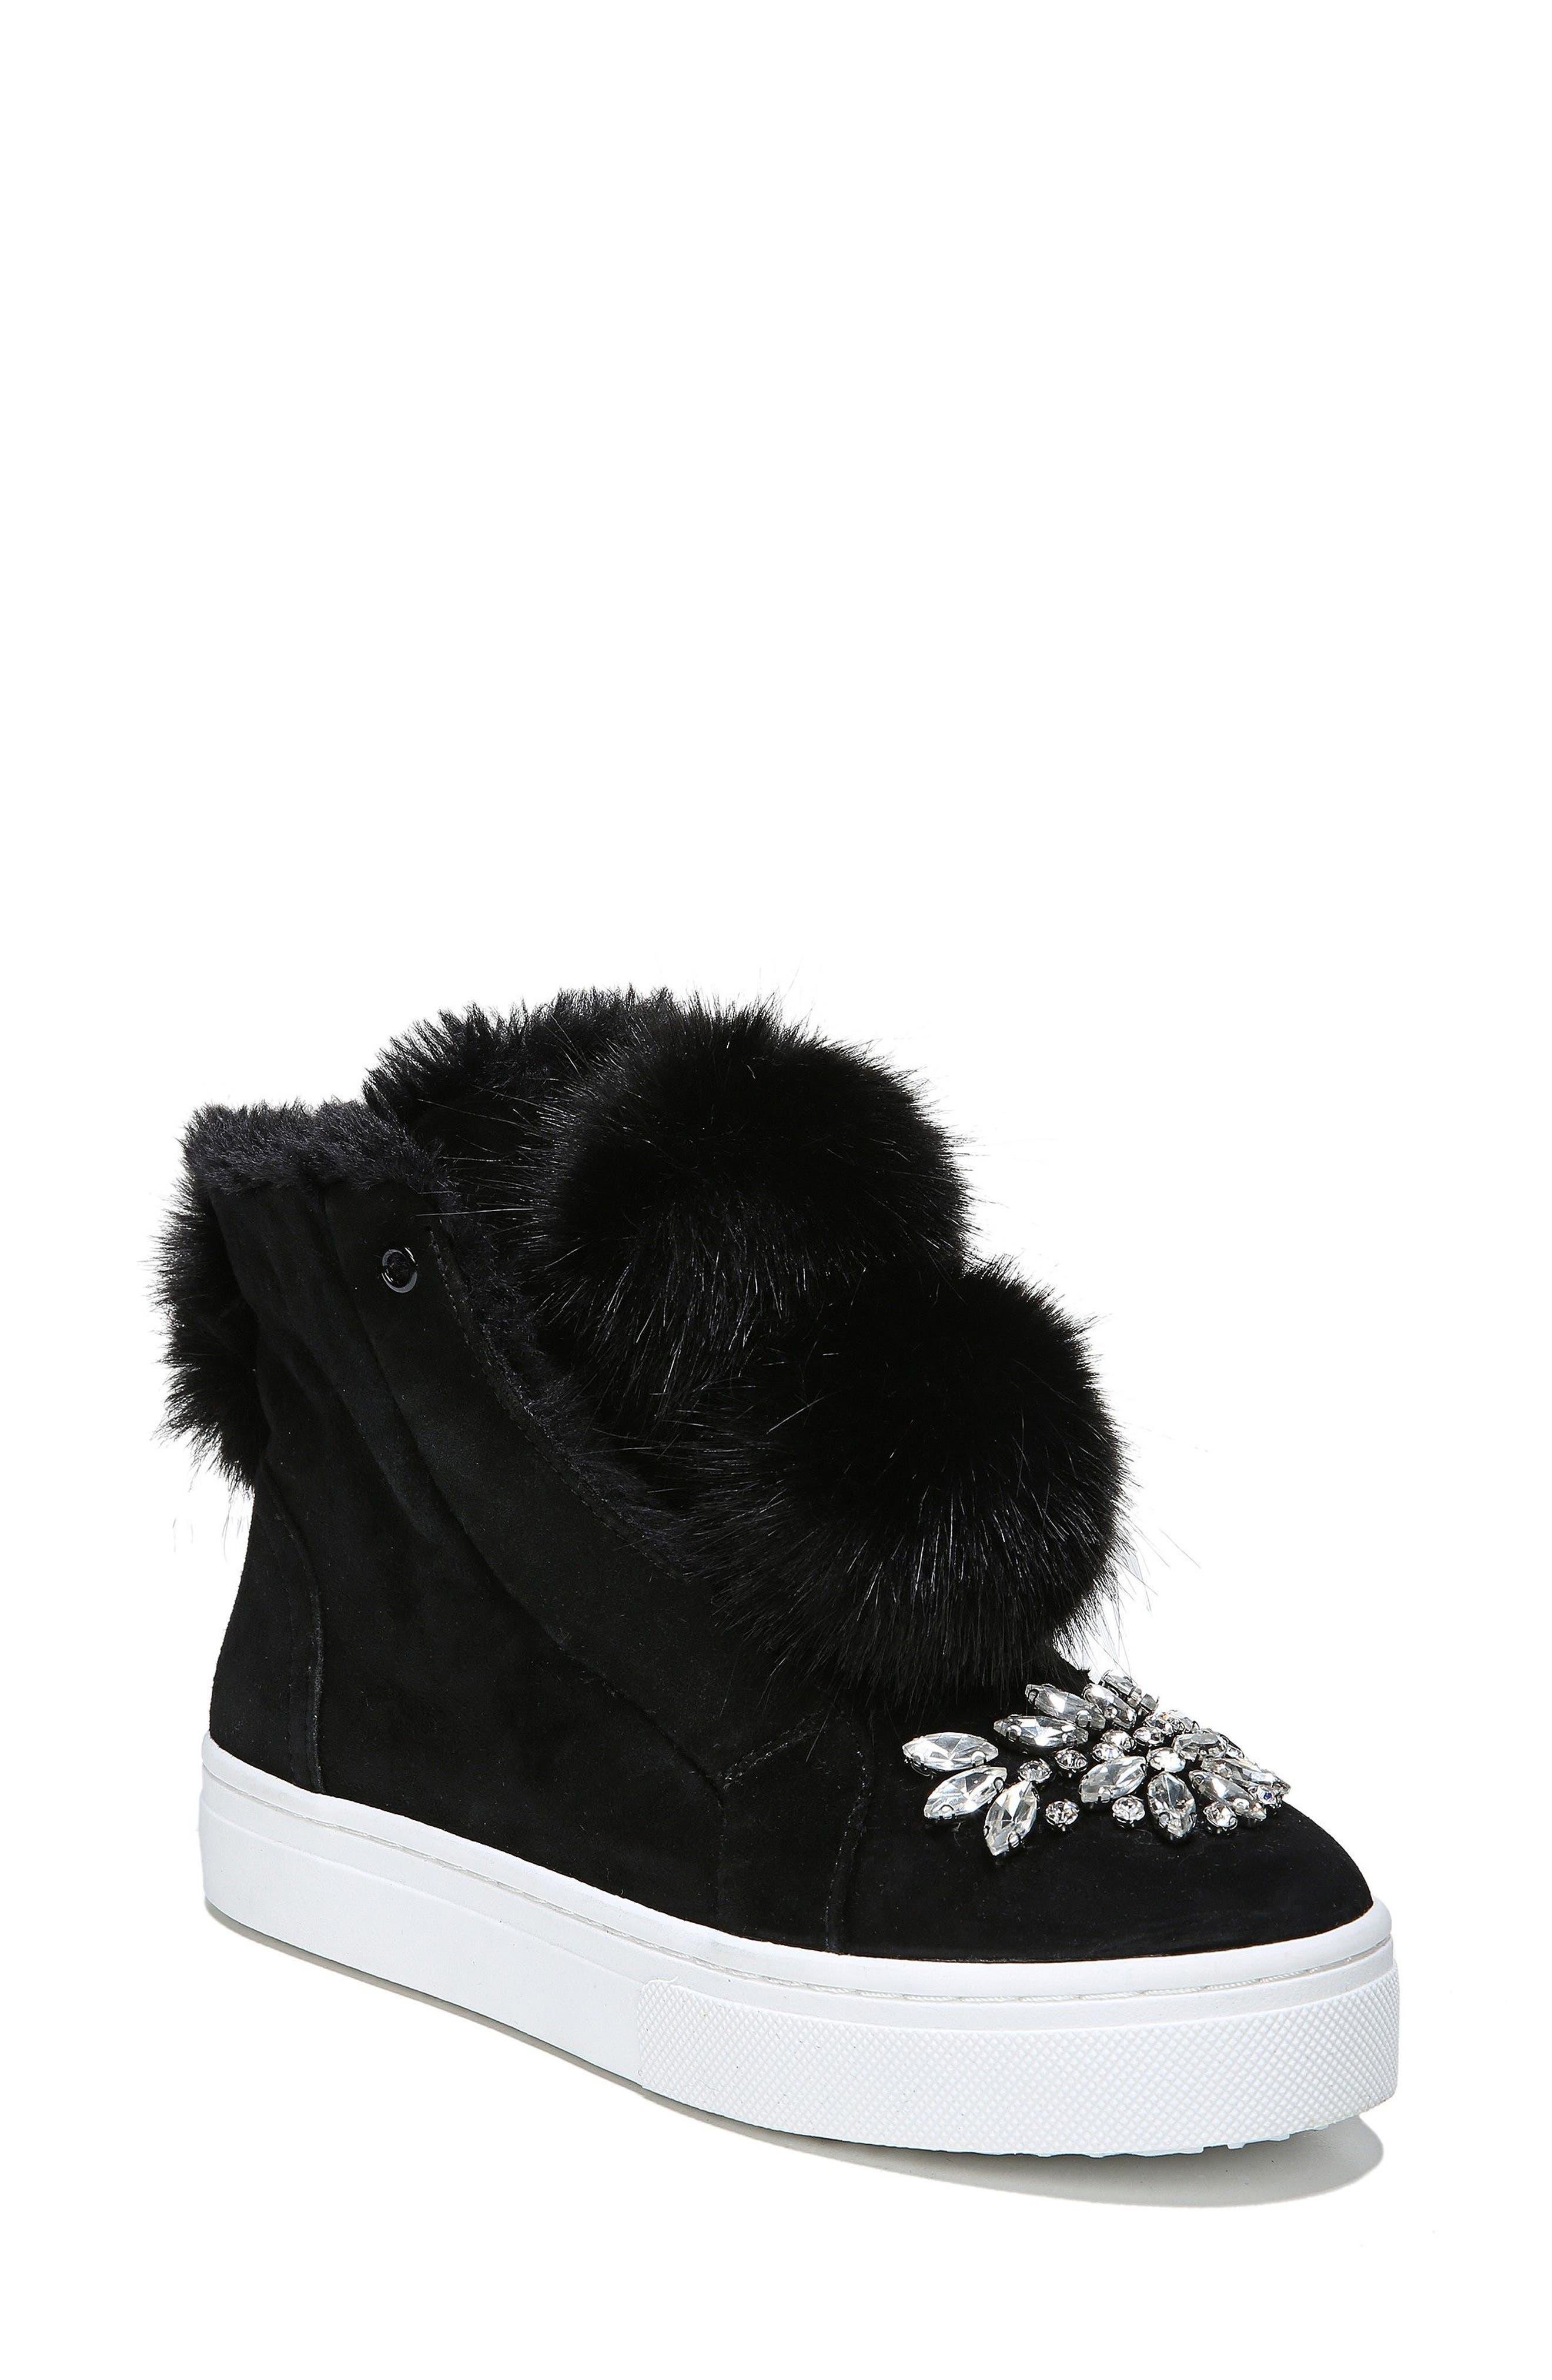 Leland Faux Fur Sneaker,                             Main thumbnail 1, color,                             Black Suede